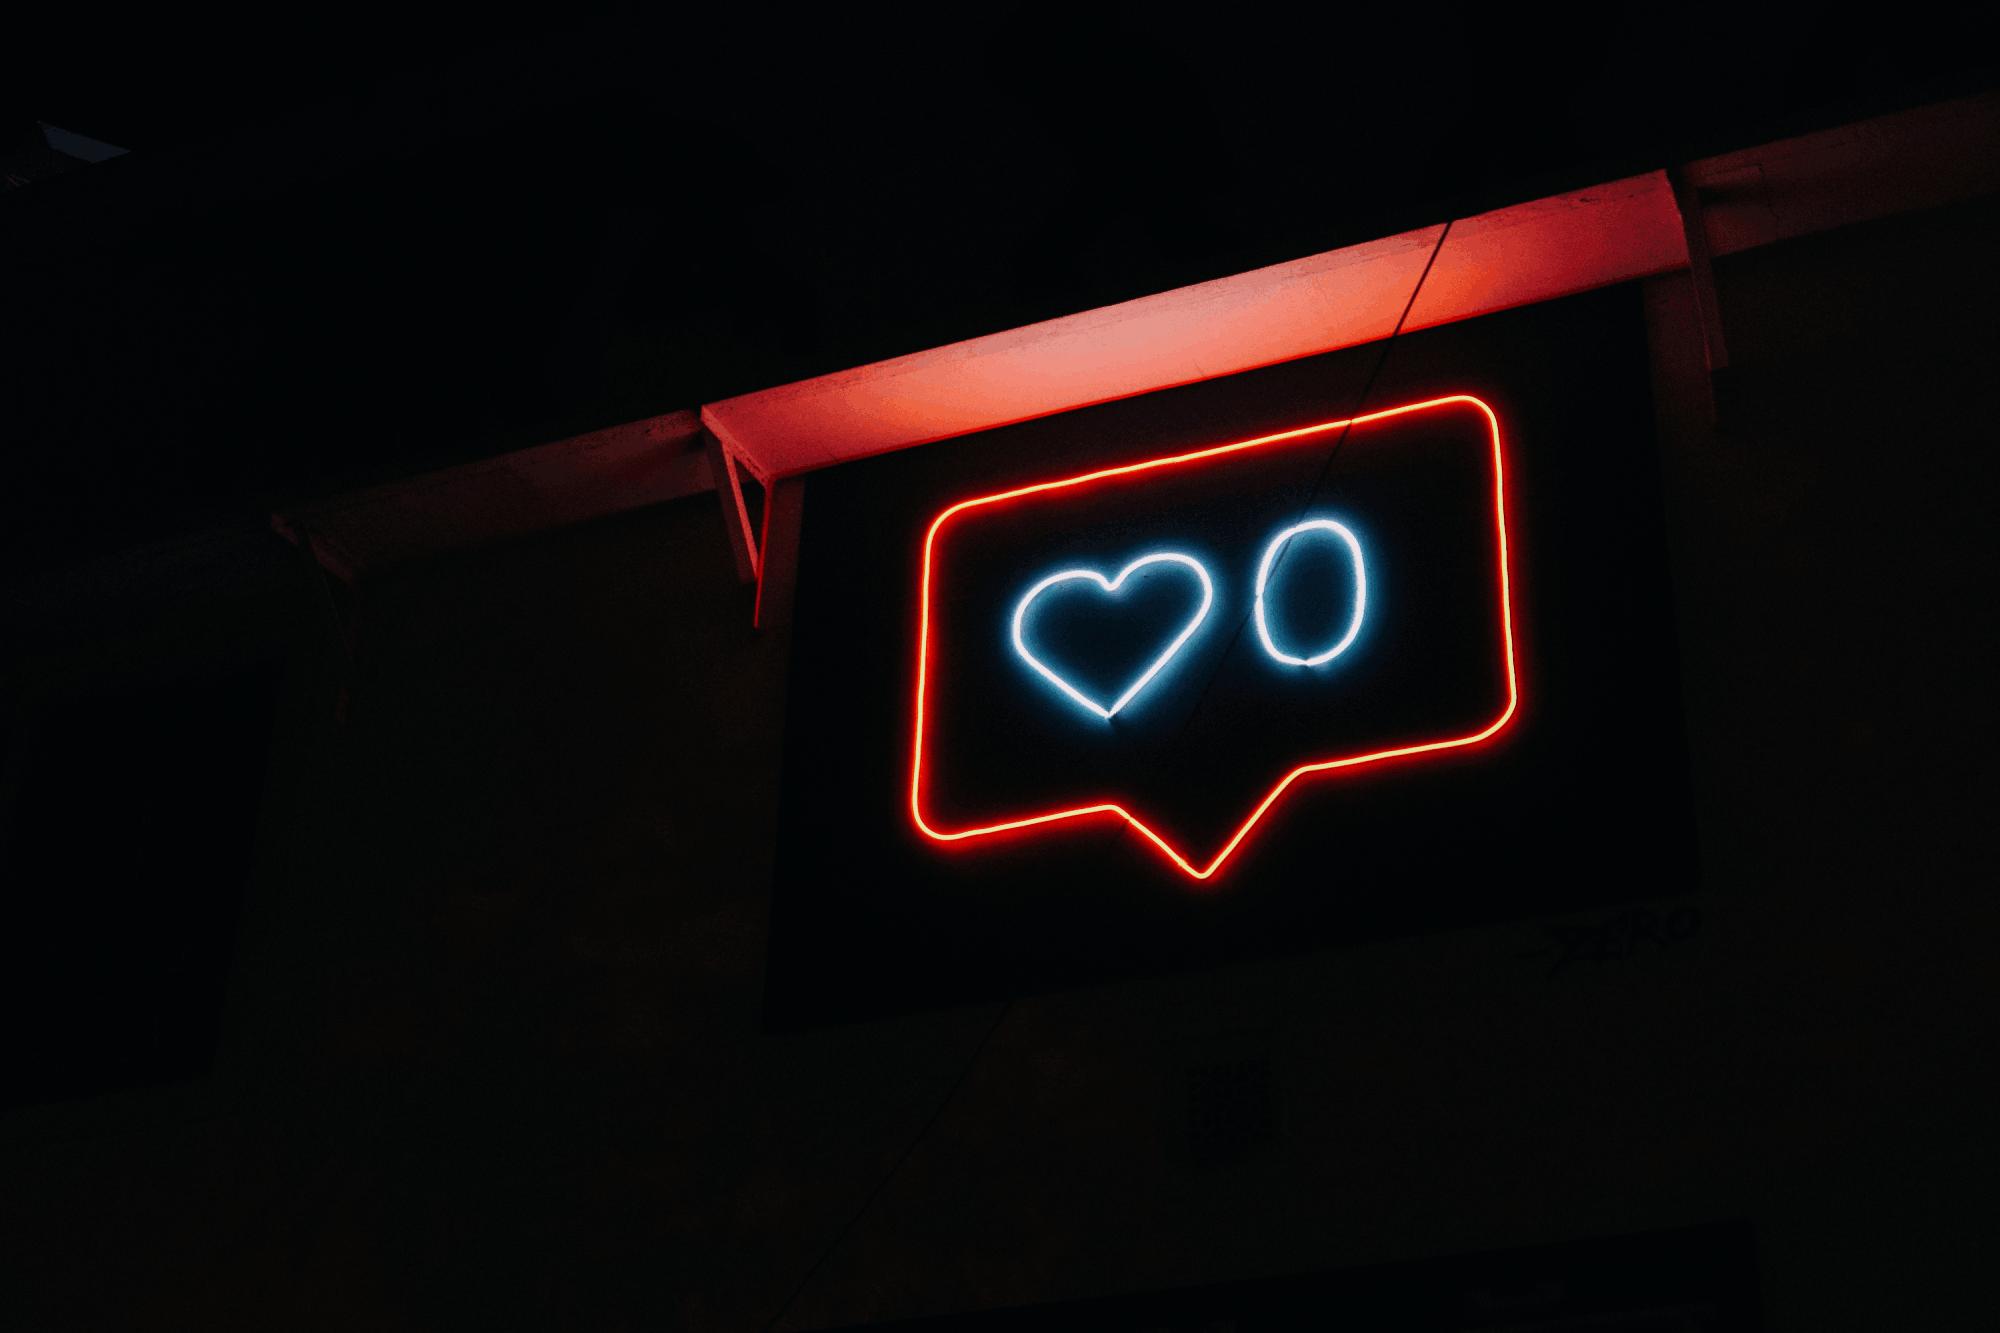 Mit Content erfolgreich als Marke überzeugen. Was der alternde deutsche Mittelstand von jungen Social Media Influencern lernen kann